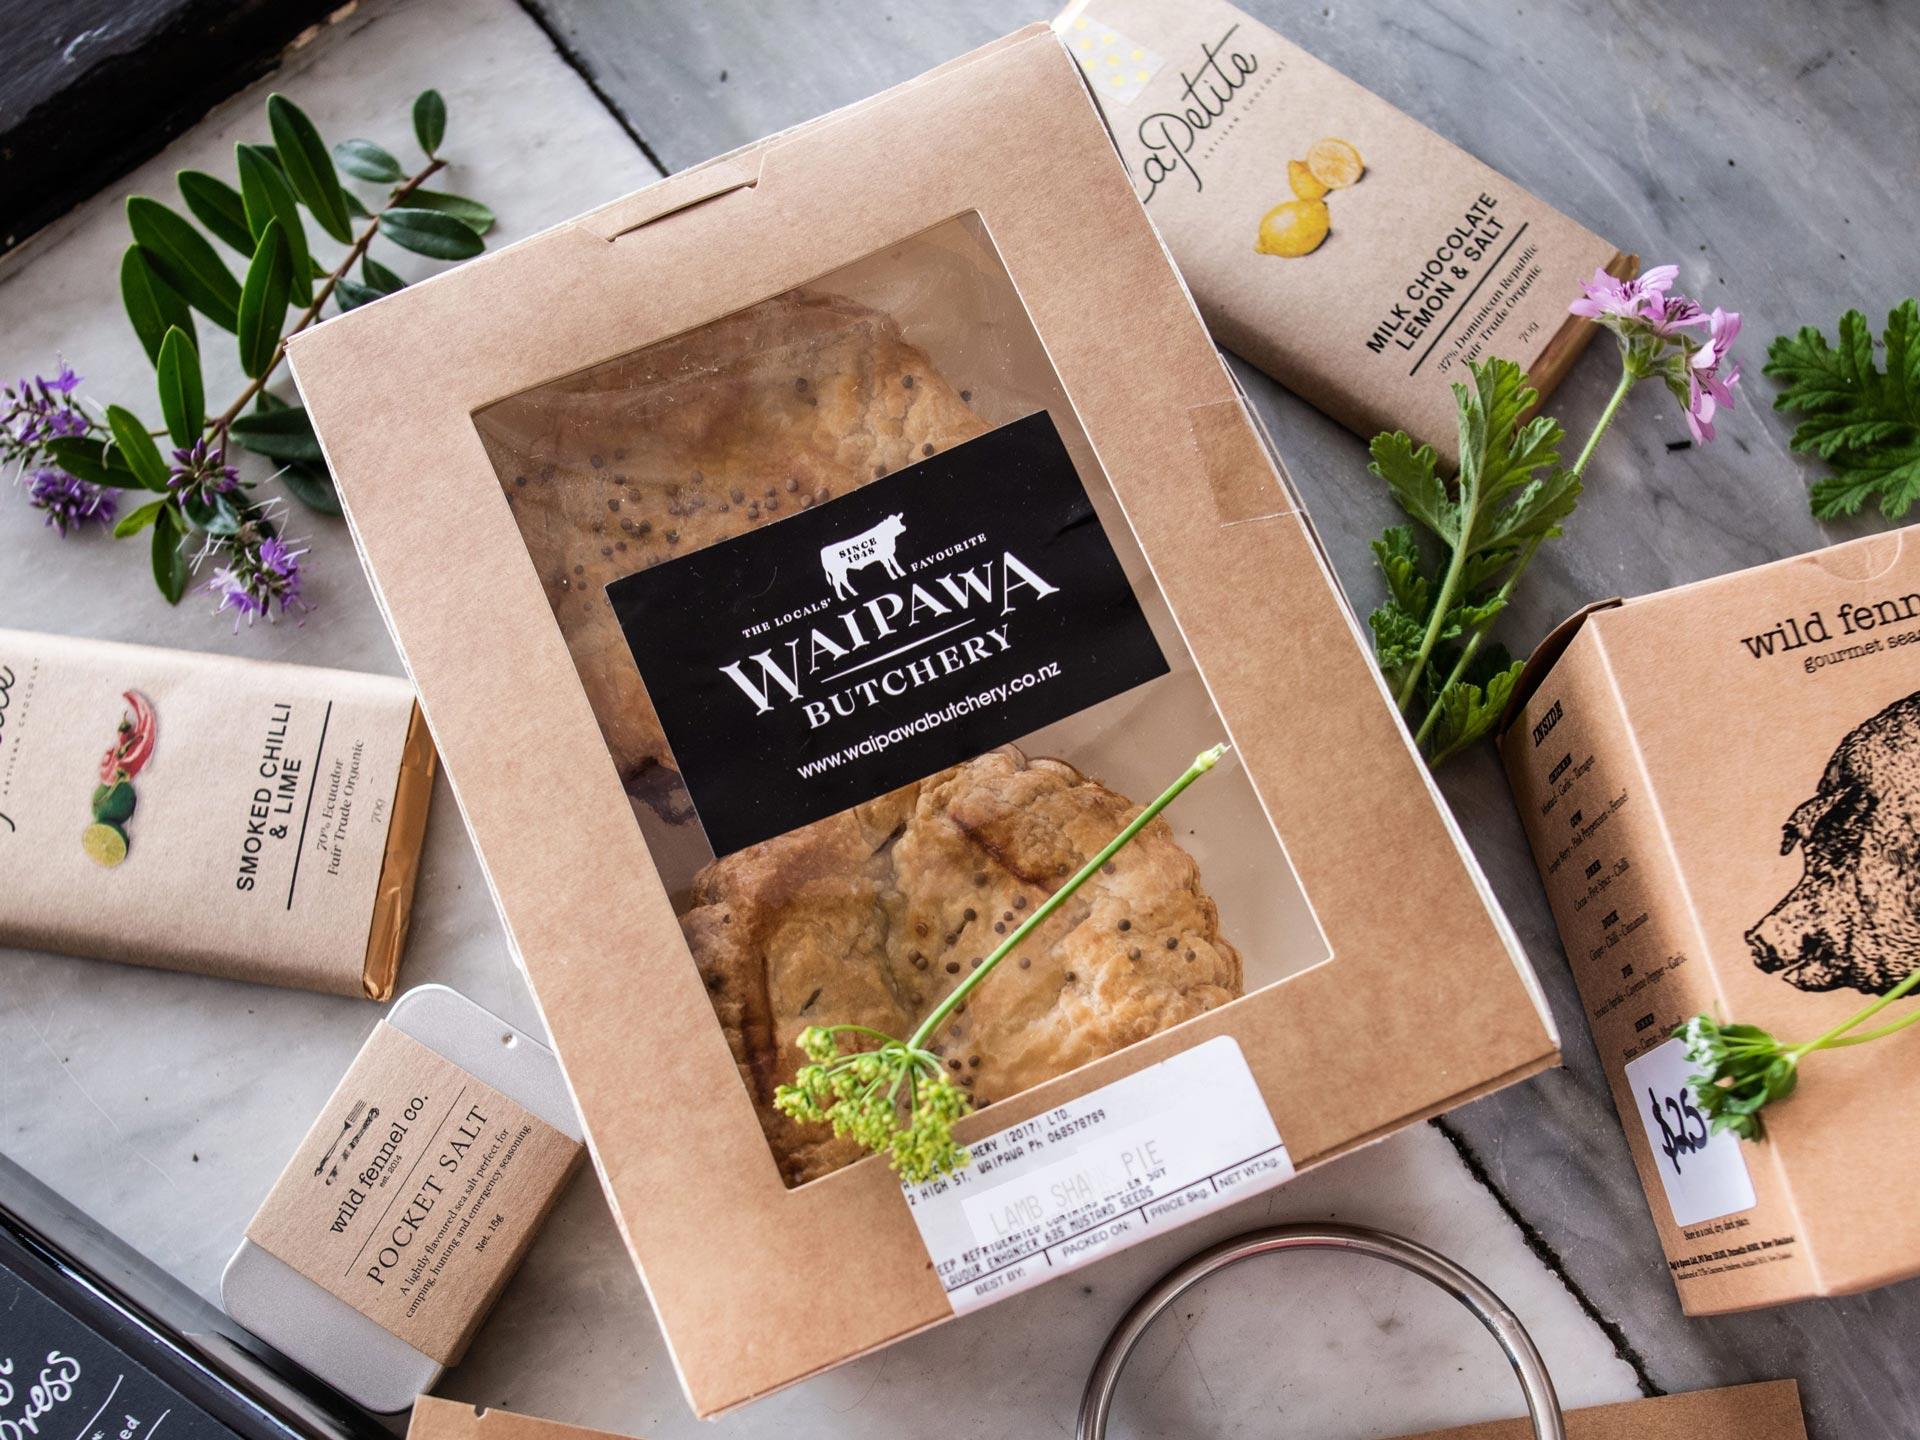 waipawa butchery shop online